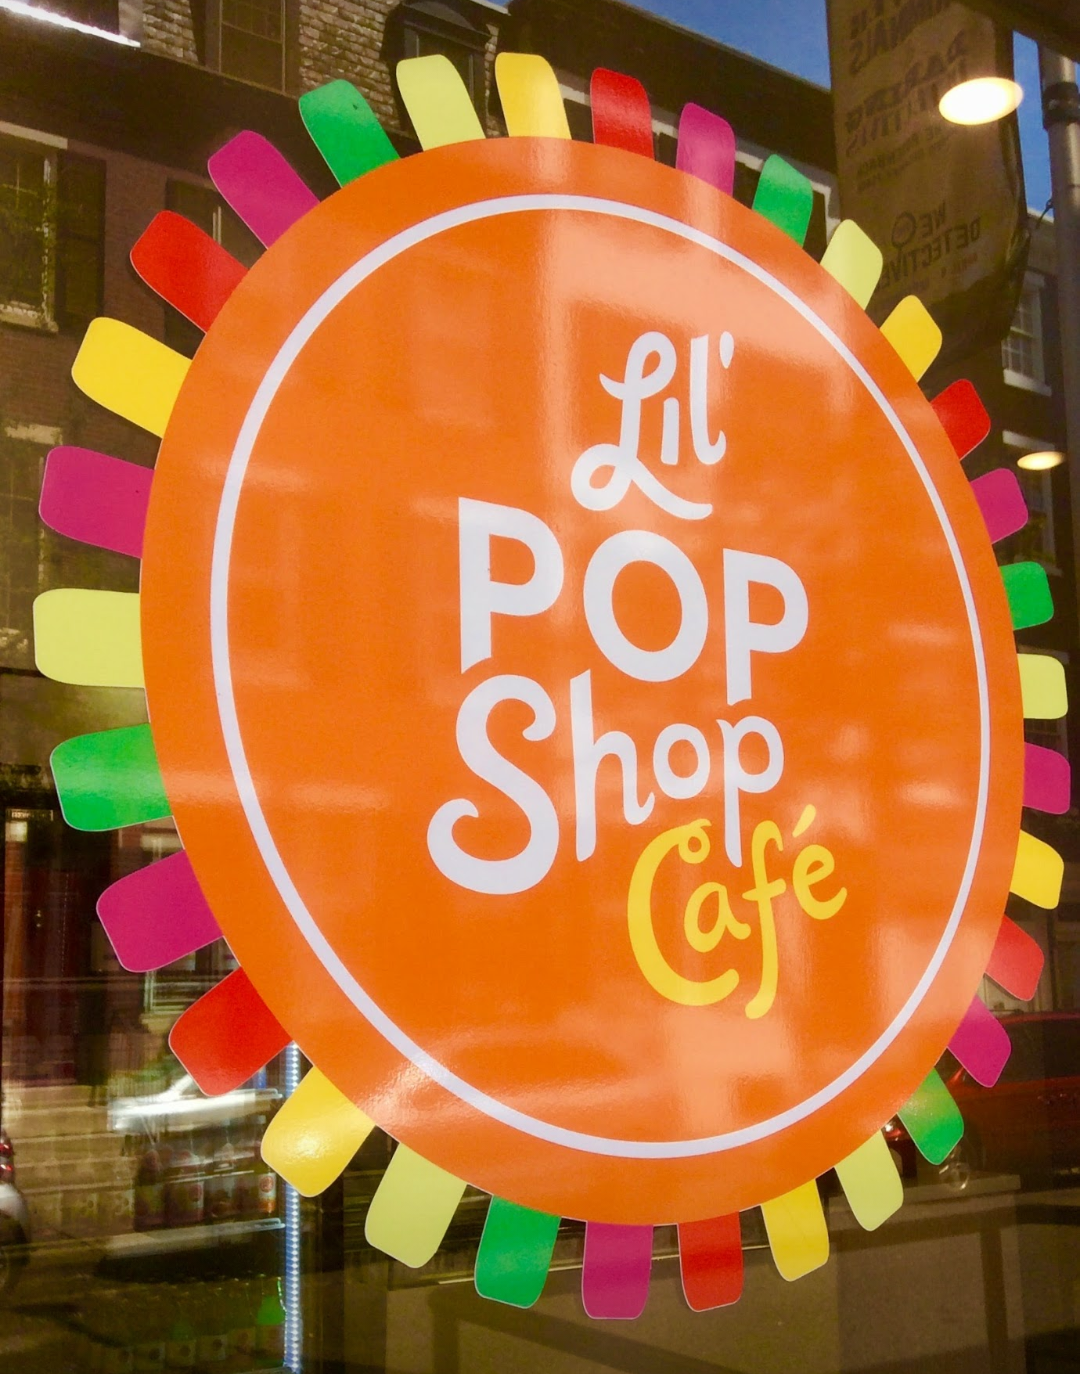 Li'l Pop Shop Philadelphia